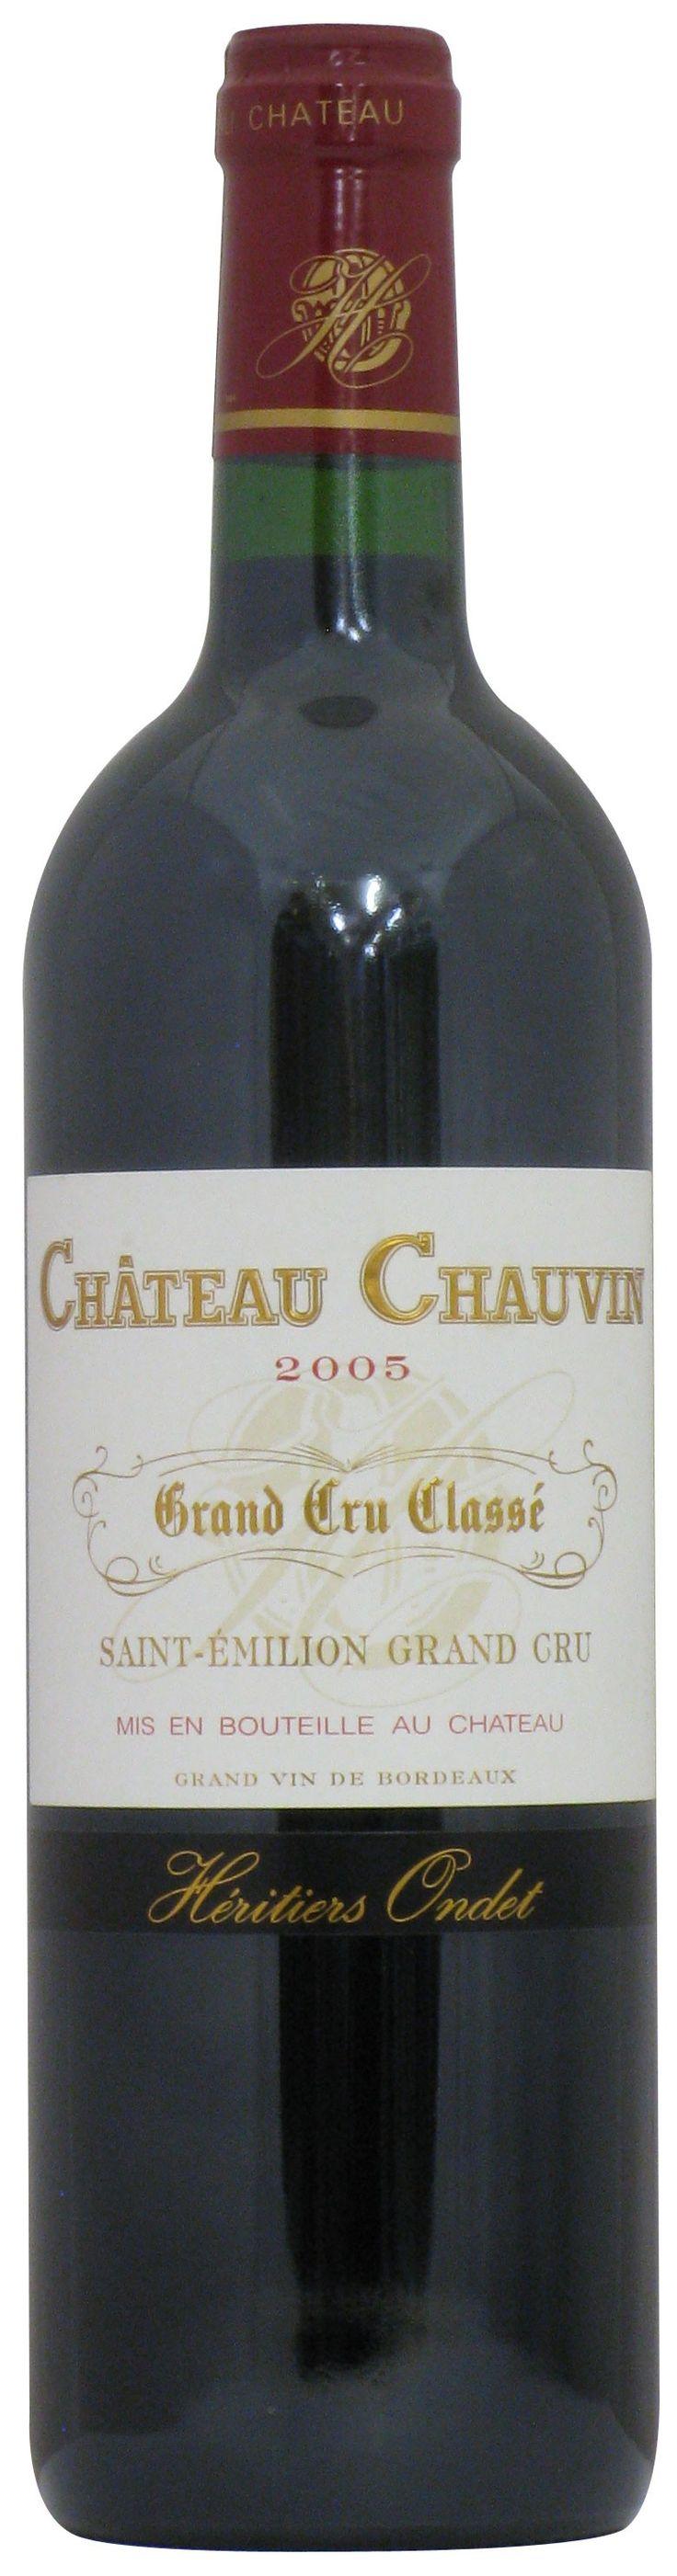 Chateau Chauvin, Saint Emilion Grand Cru 2005